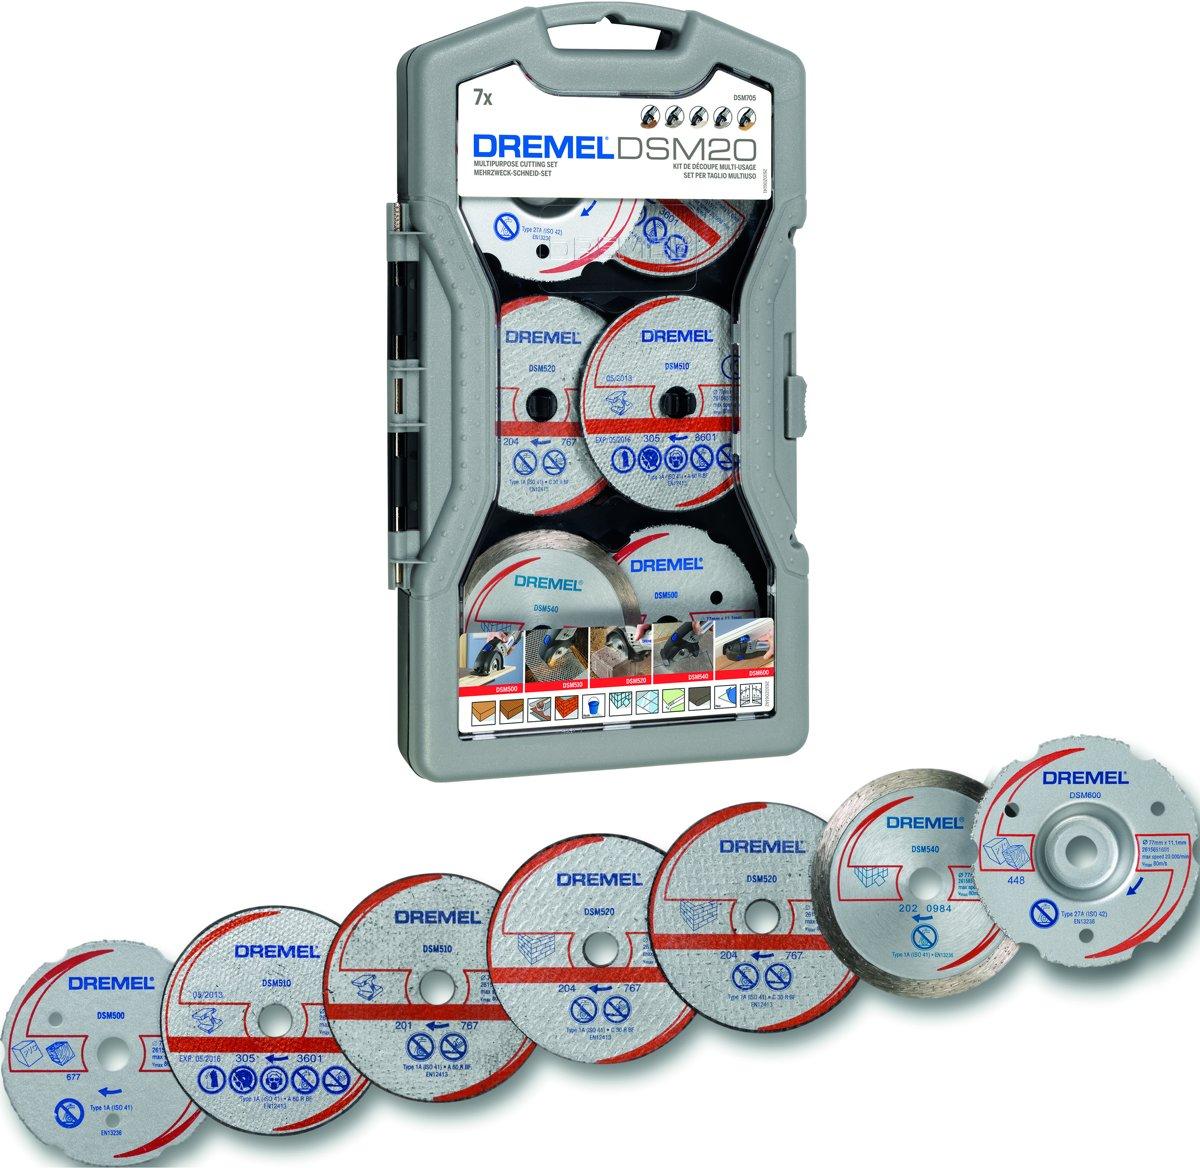 Dremel DSM705 accessoireset - Snijset voor DSM 20 Zaagmachine - 7 stuks